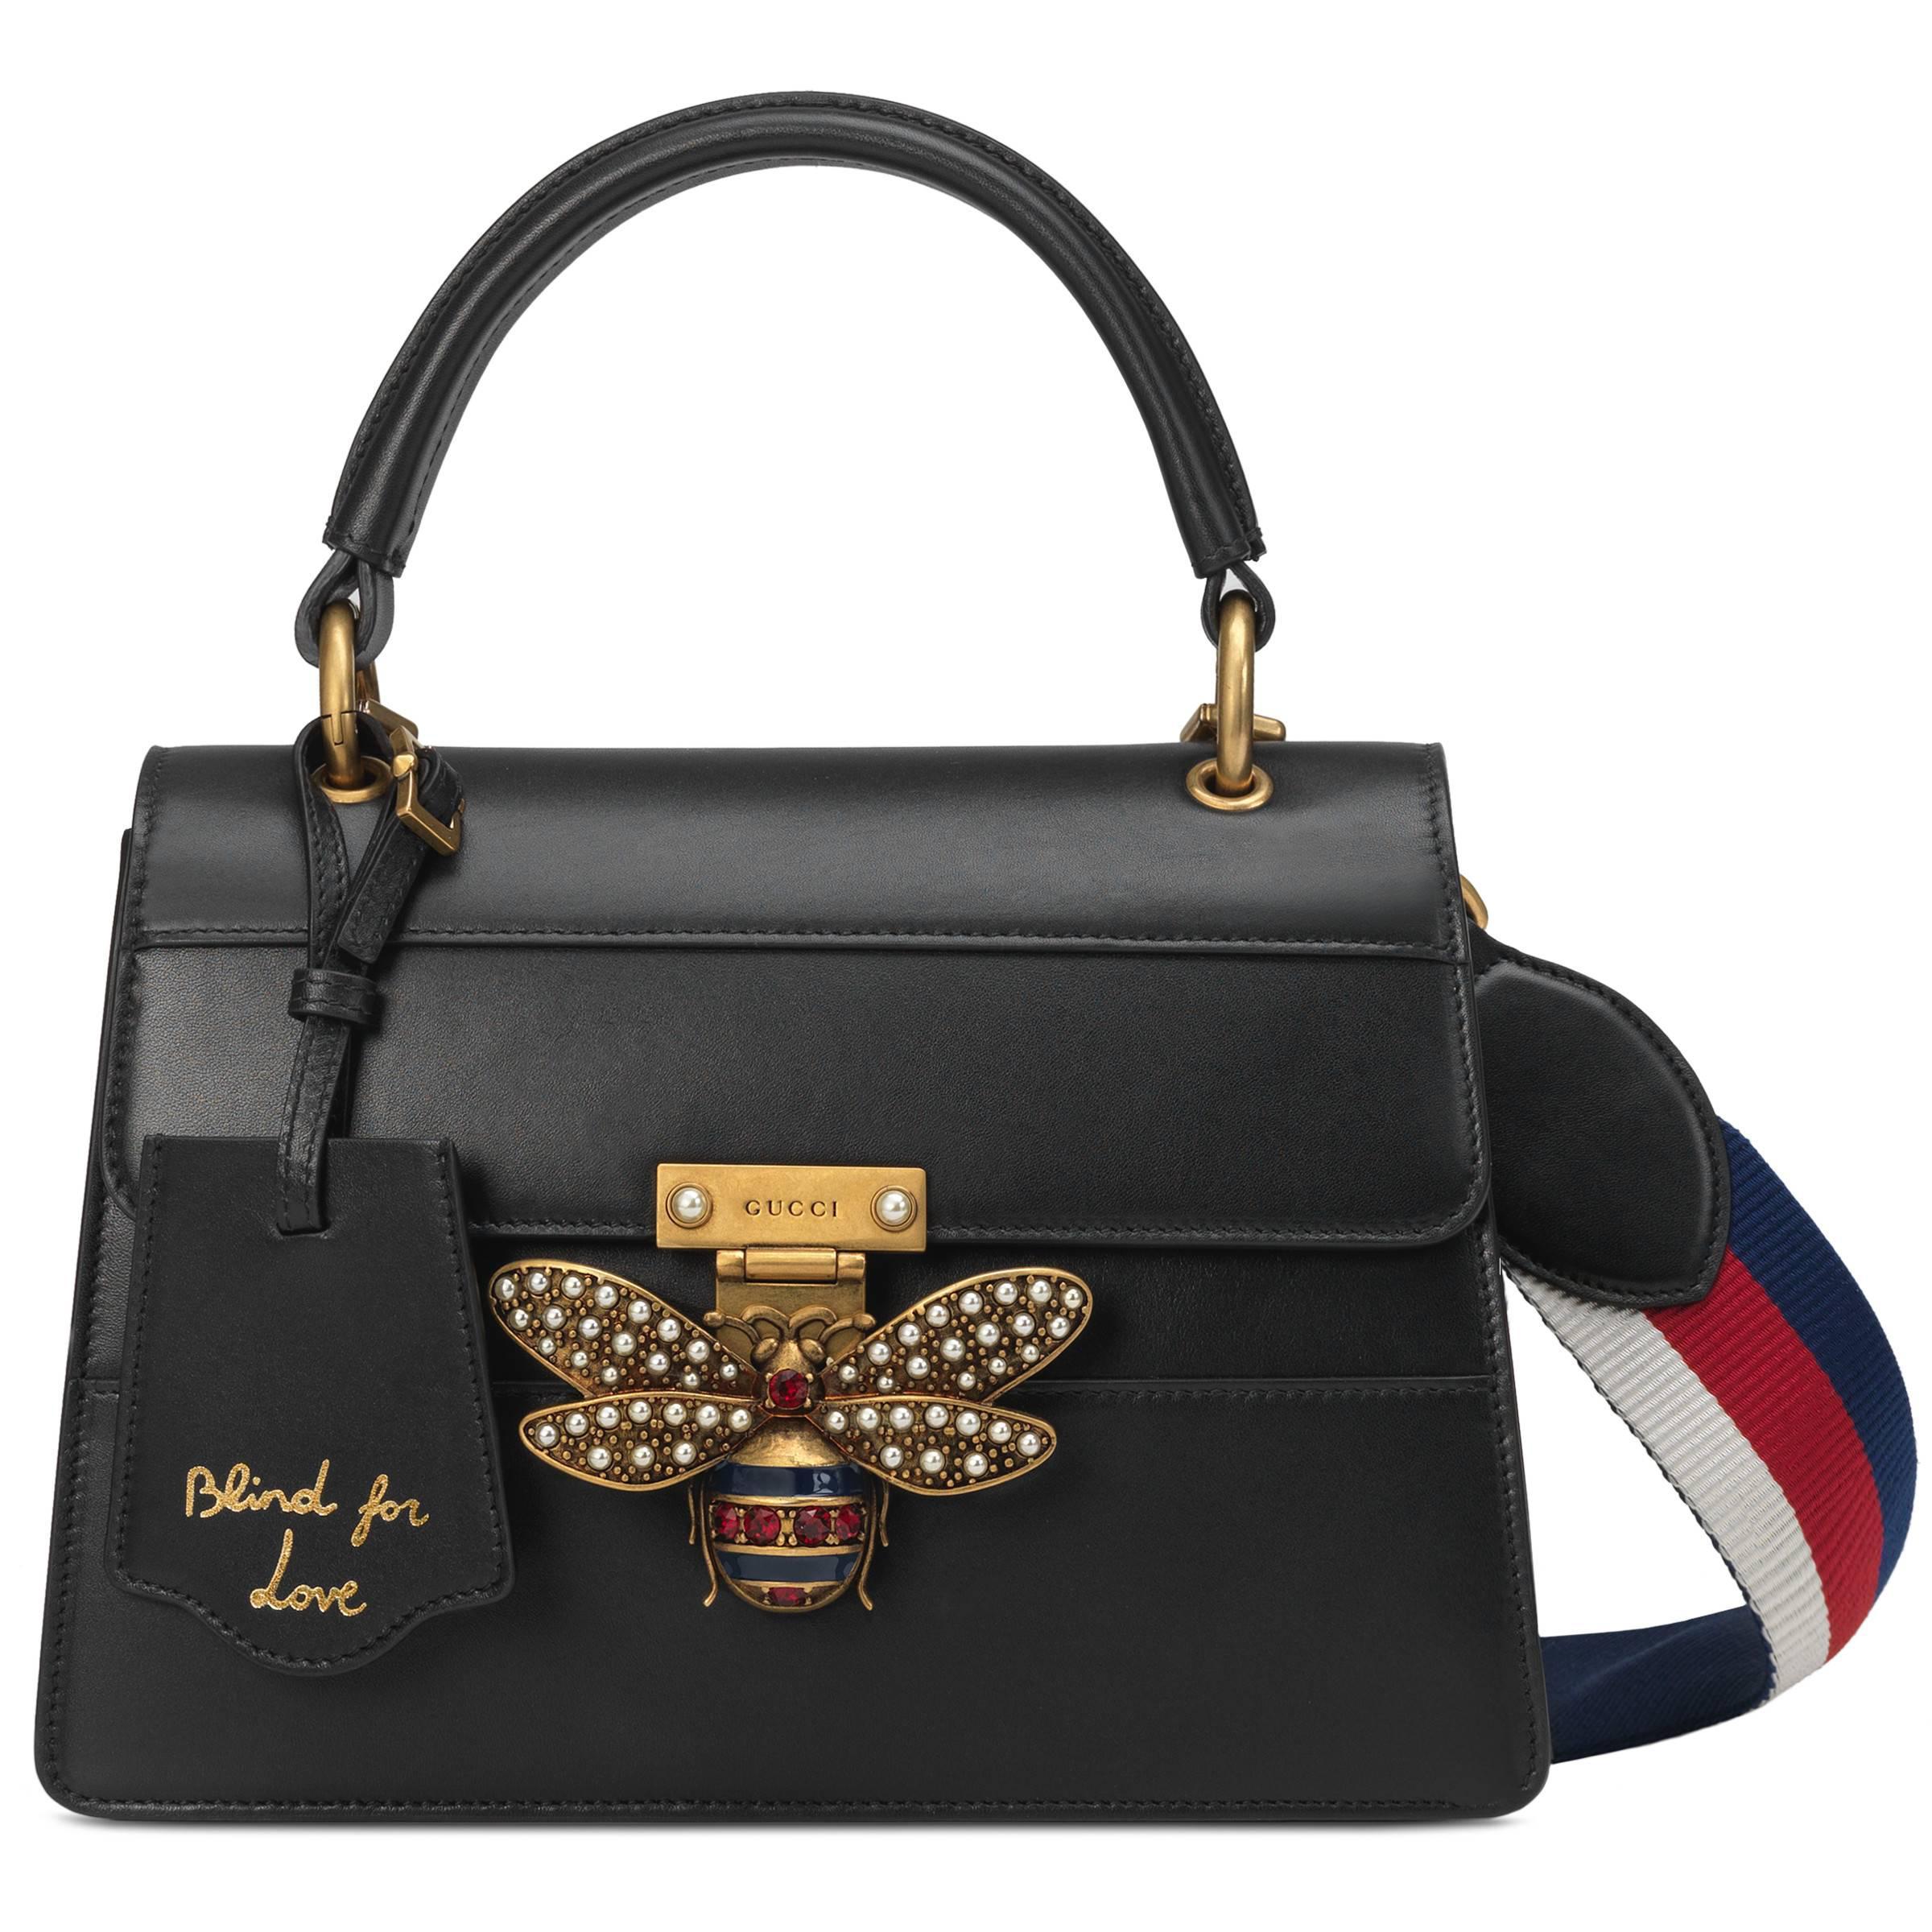 ba917503bfa Gucci Sac À Main Queen Margaret Petite Taille in Black - Lyst